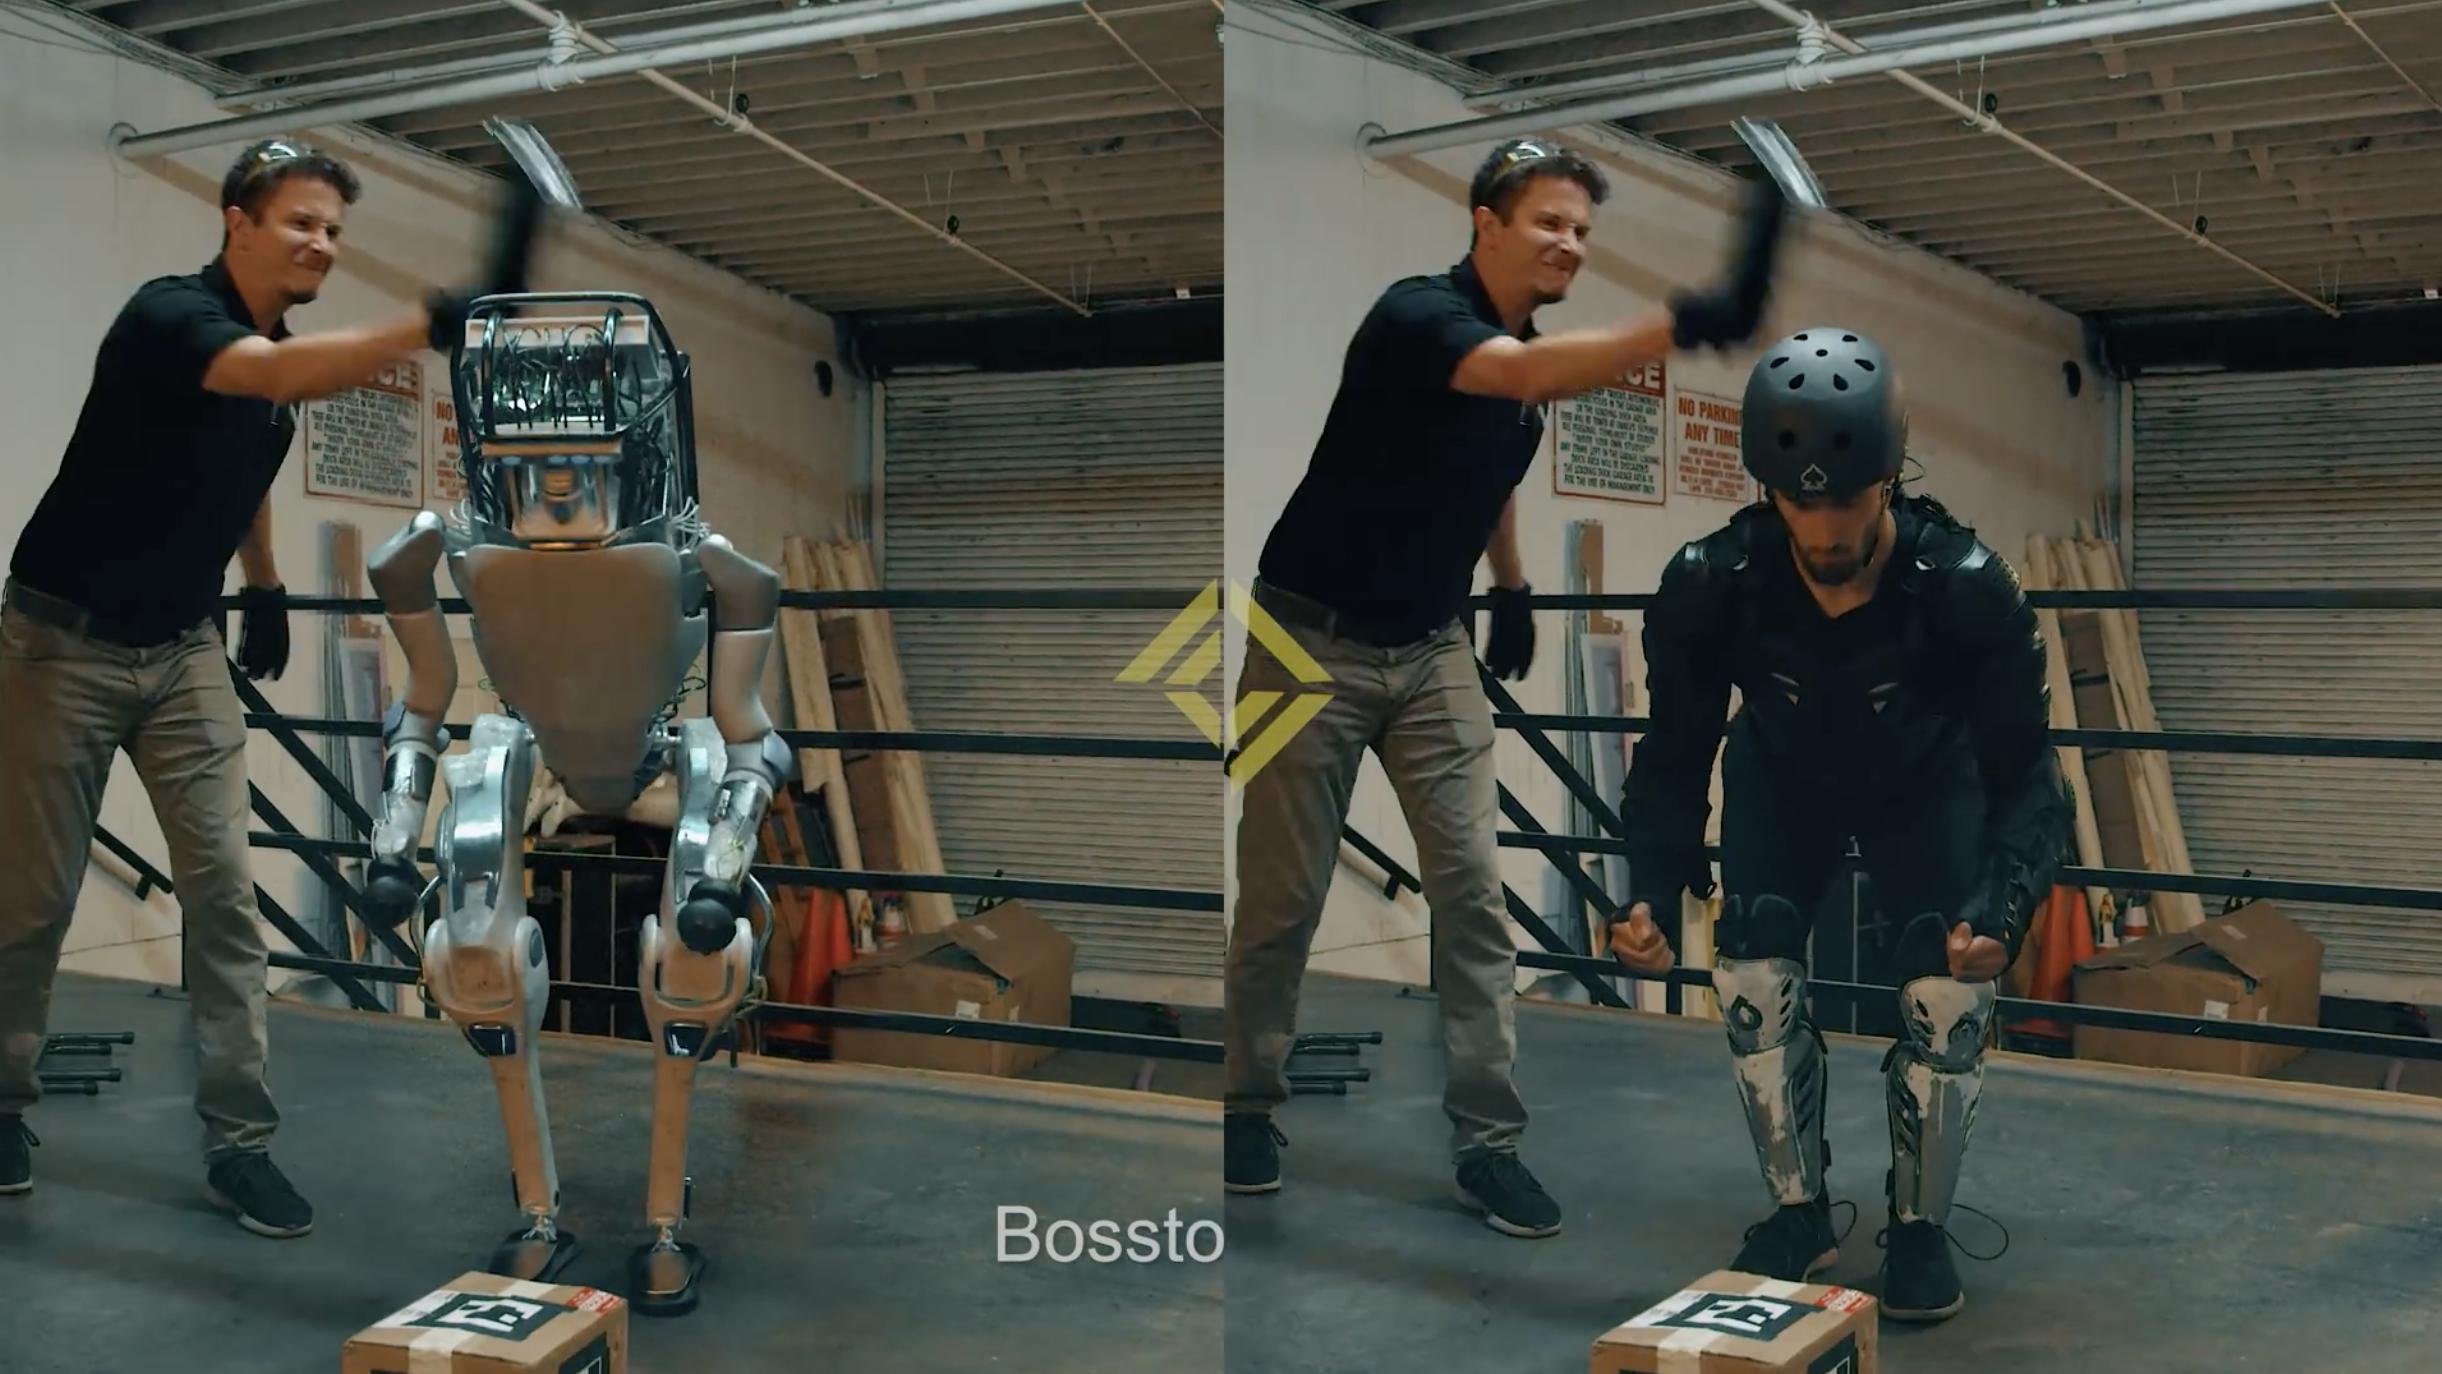 """【钛媒体视频】演个""""波士顿机动力器人"""",他可没少受苦"""